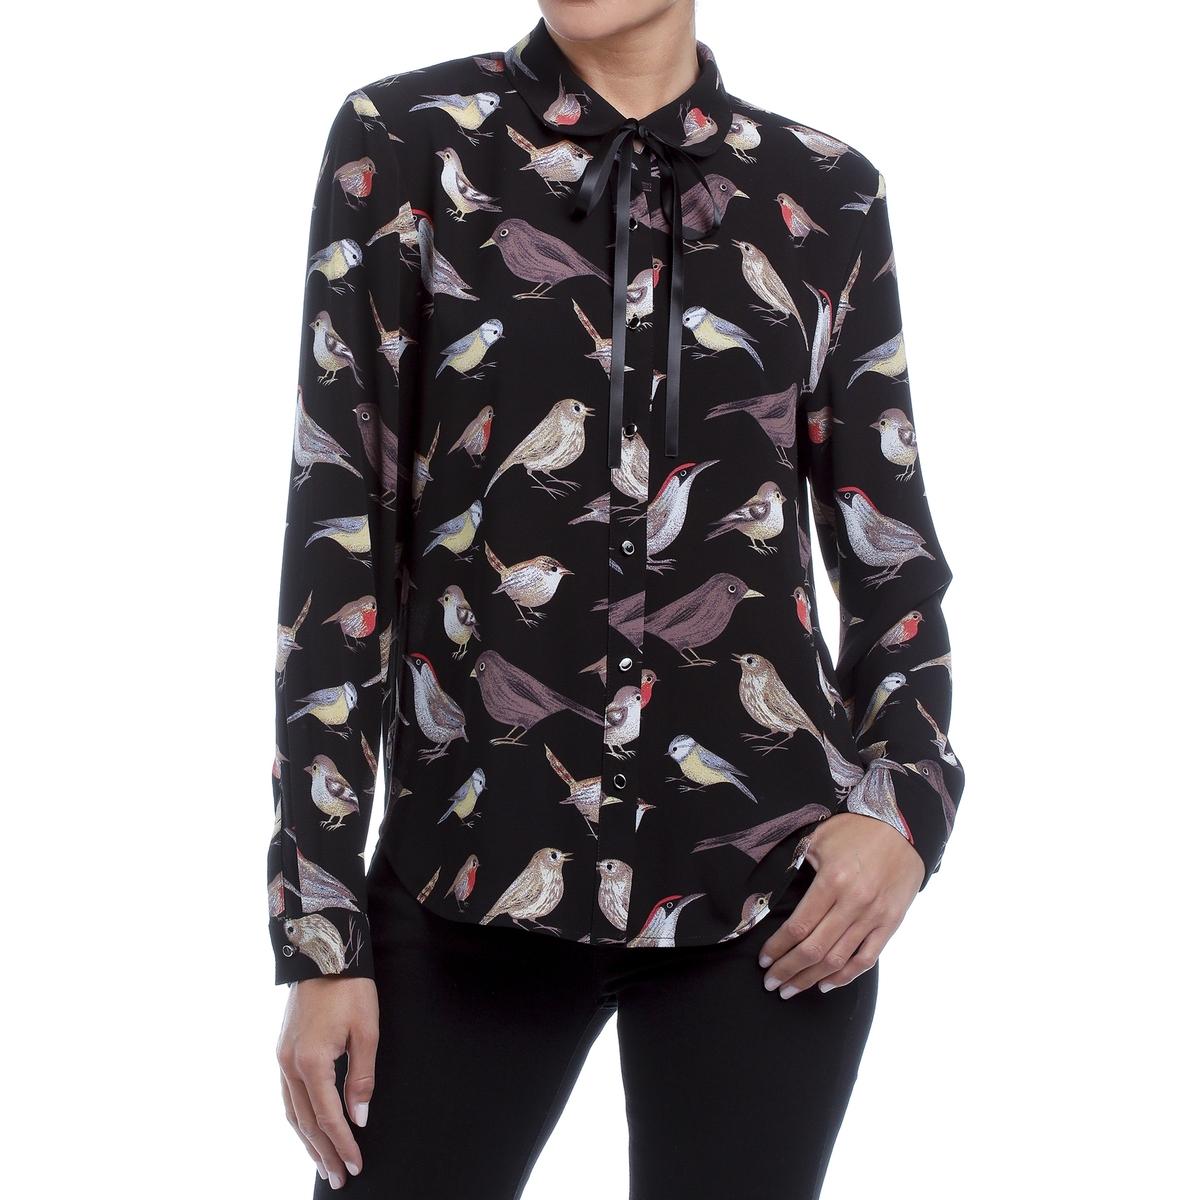 Рубашка с принтом птицы, воротник  отделкой лентами